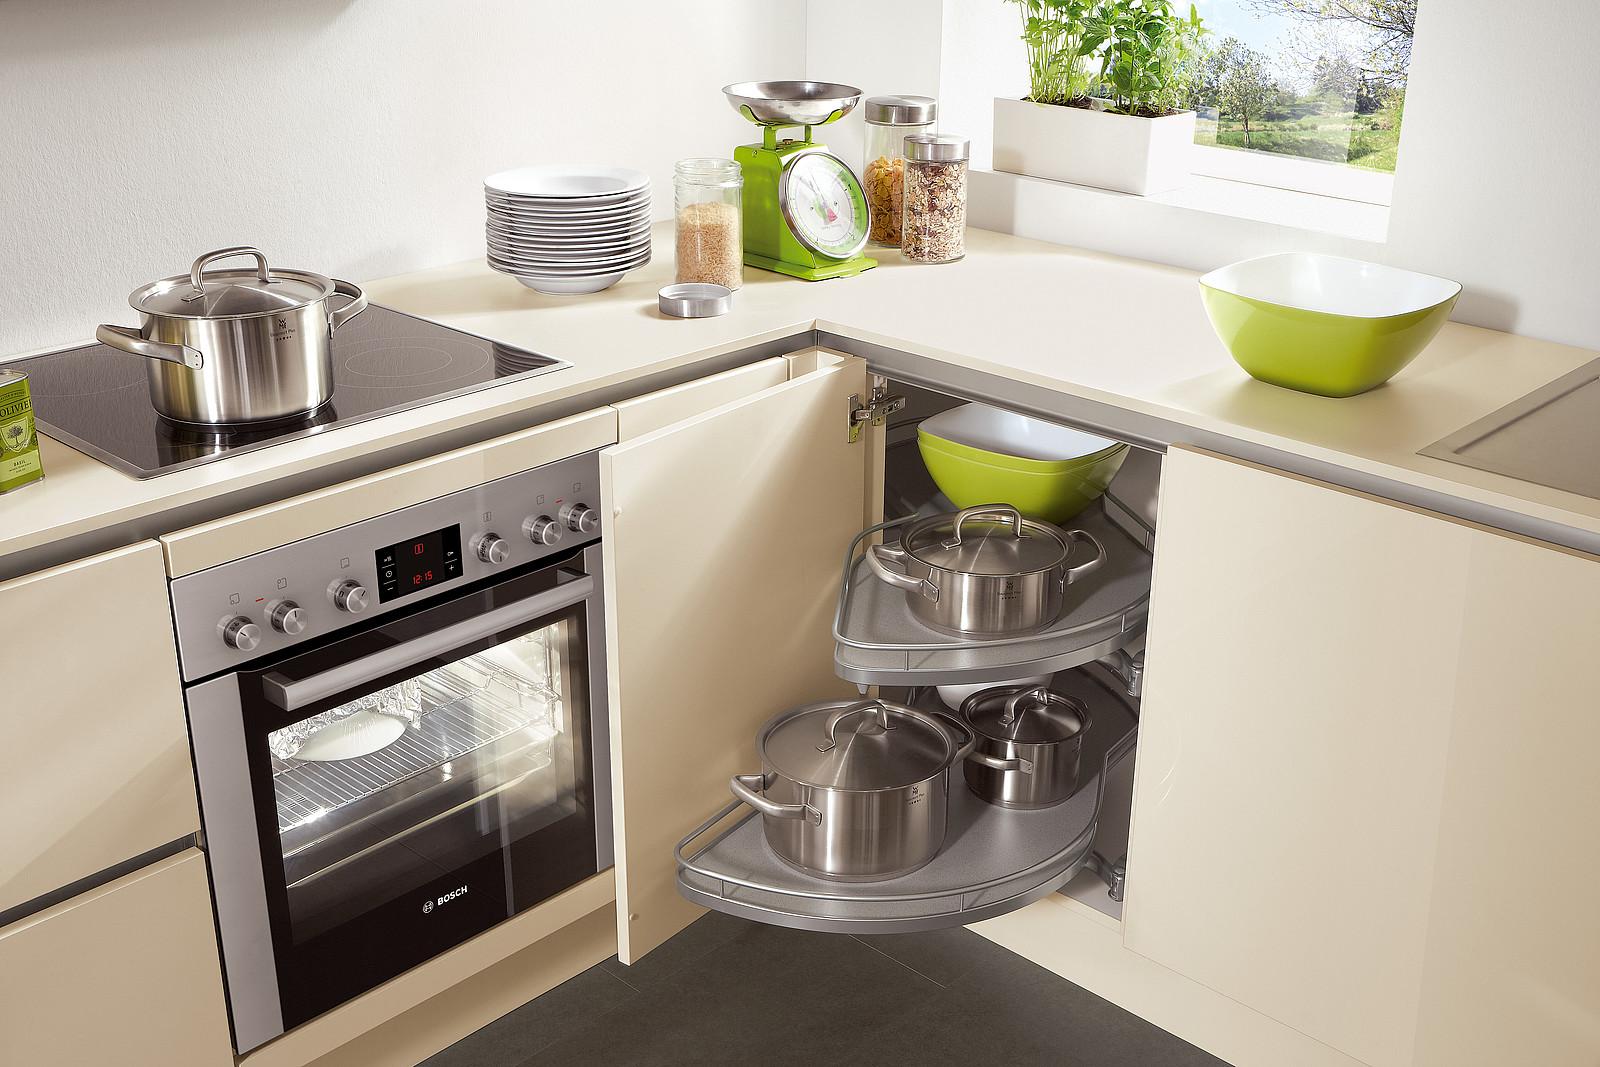 Full Size of Küchen Eckschrank Rondell Regal Schlafzimmer Küche Bad Wohnzimmer Küchen Eckschrank Rondell